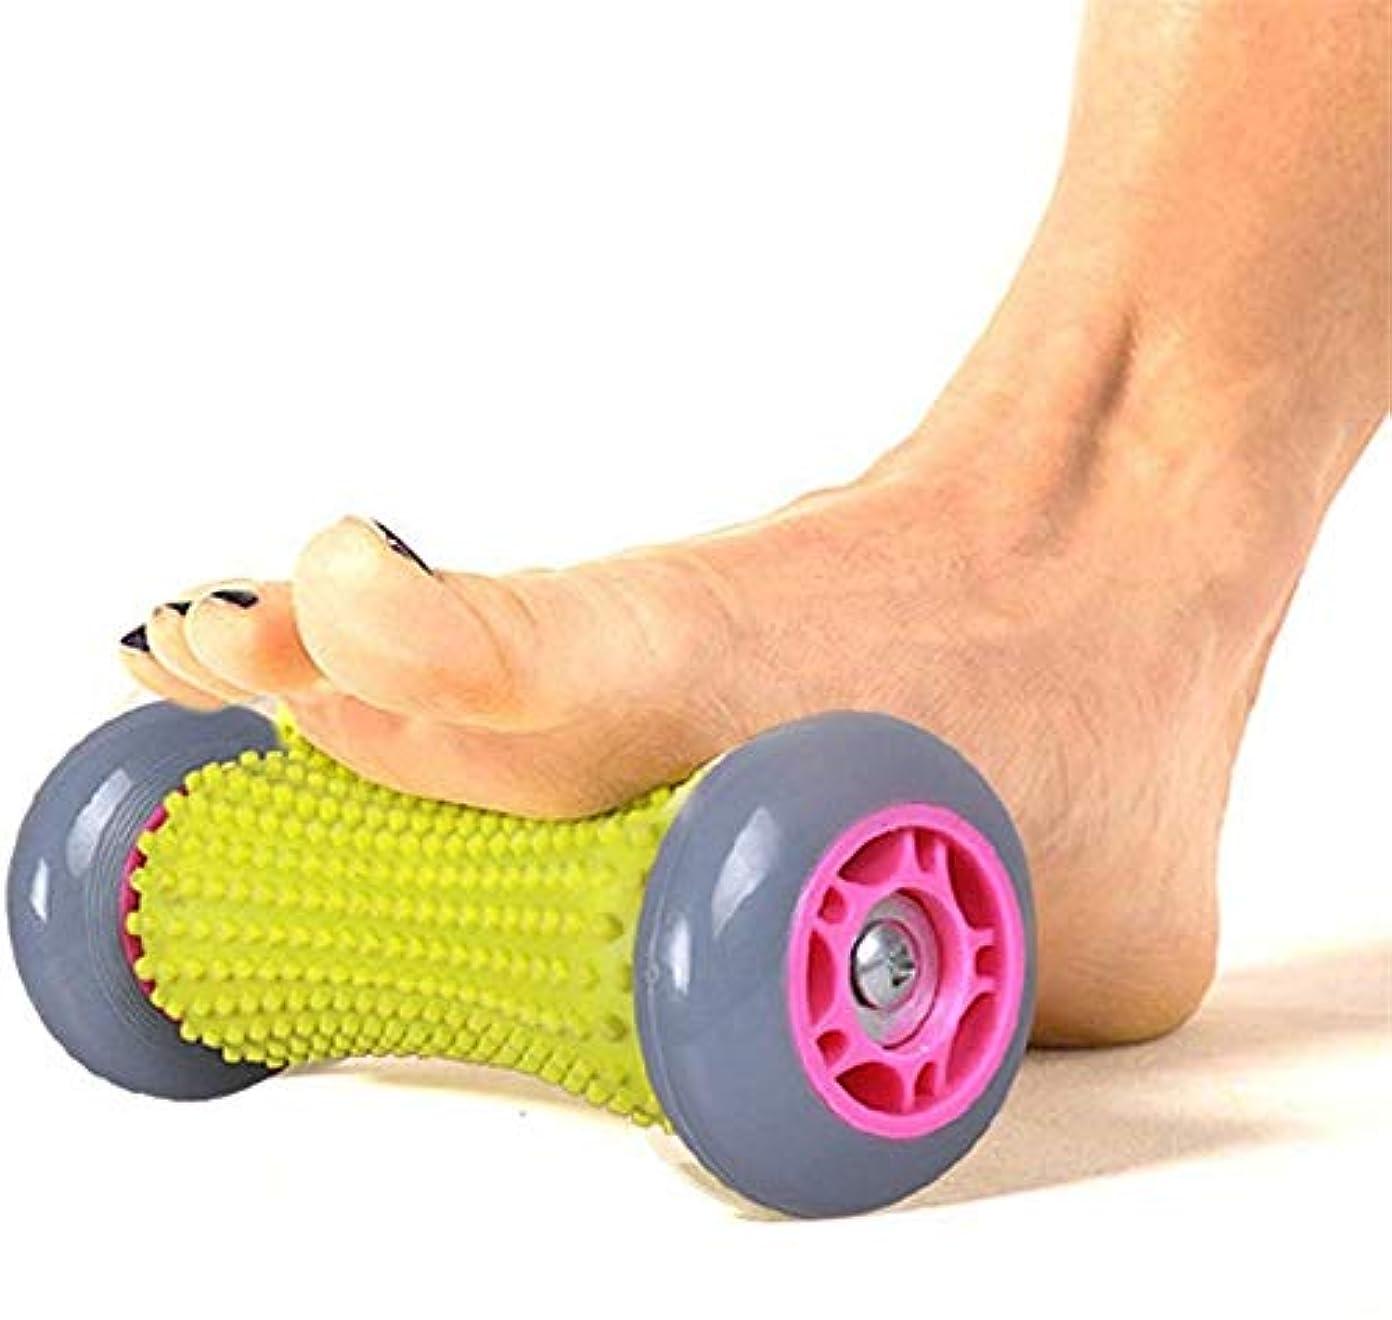 誘導徴収観察するフットマッサージローラー、足の上にタイトな筋肉、全体的にリラックス、ストレスリリーフとトリガーポイントセラピーのための足底筋膜炎のかかと足のアーチの痛みリフレクソロジーツールパーフェクトを和らげます